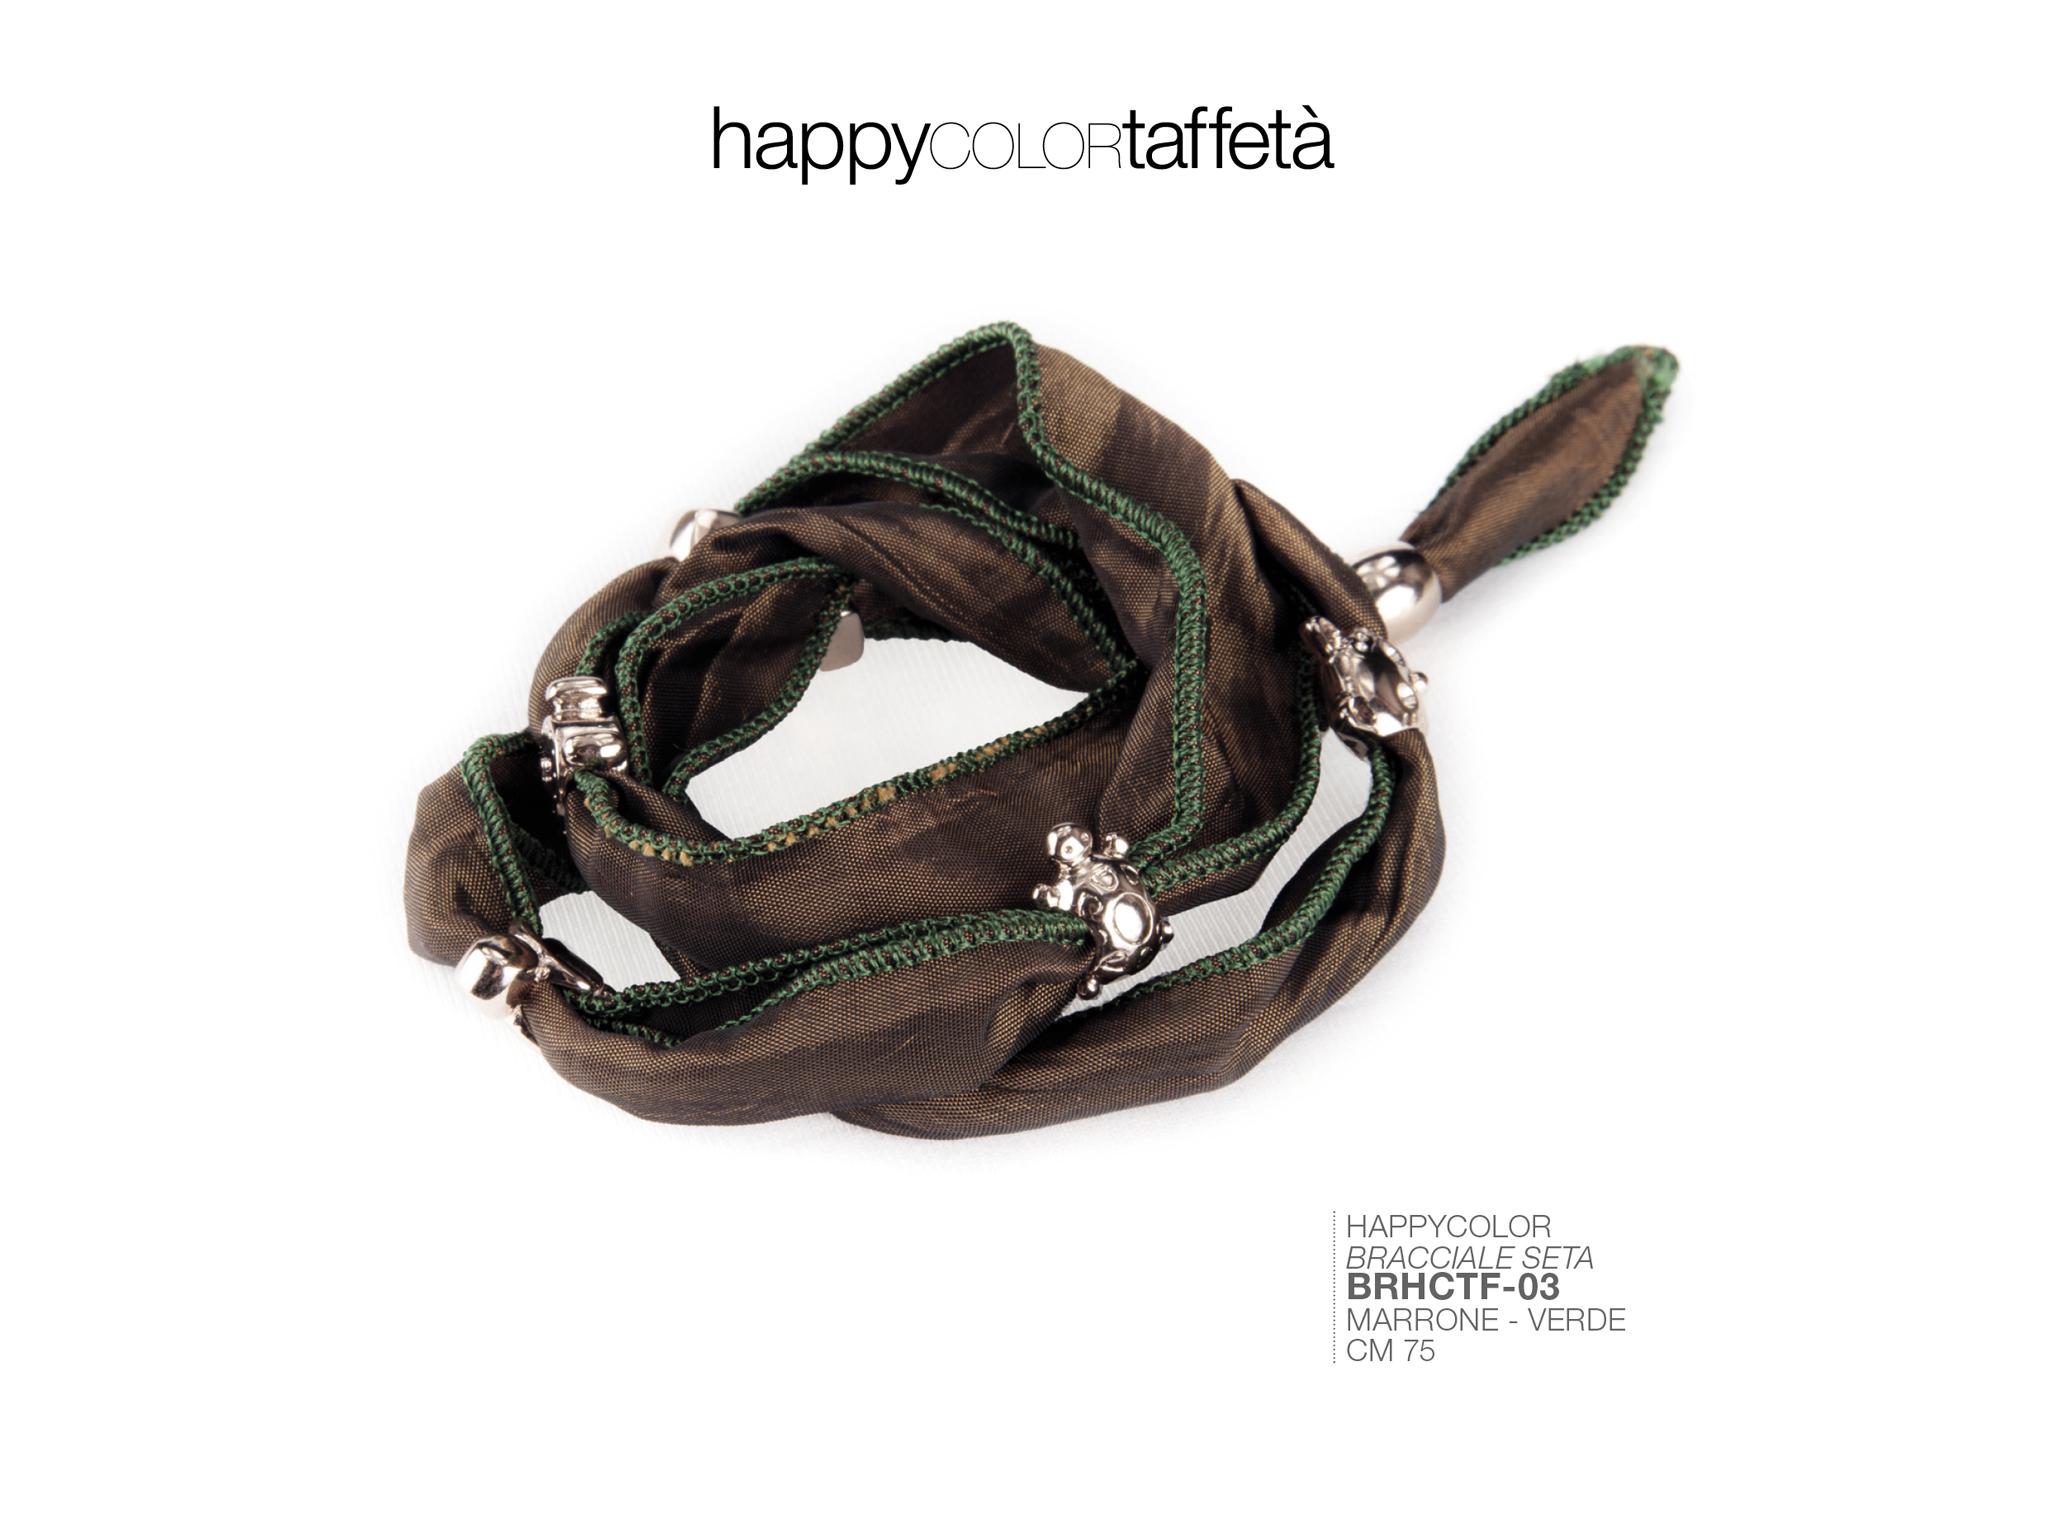 happycolor_taffeta_pagina_4_app